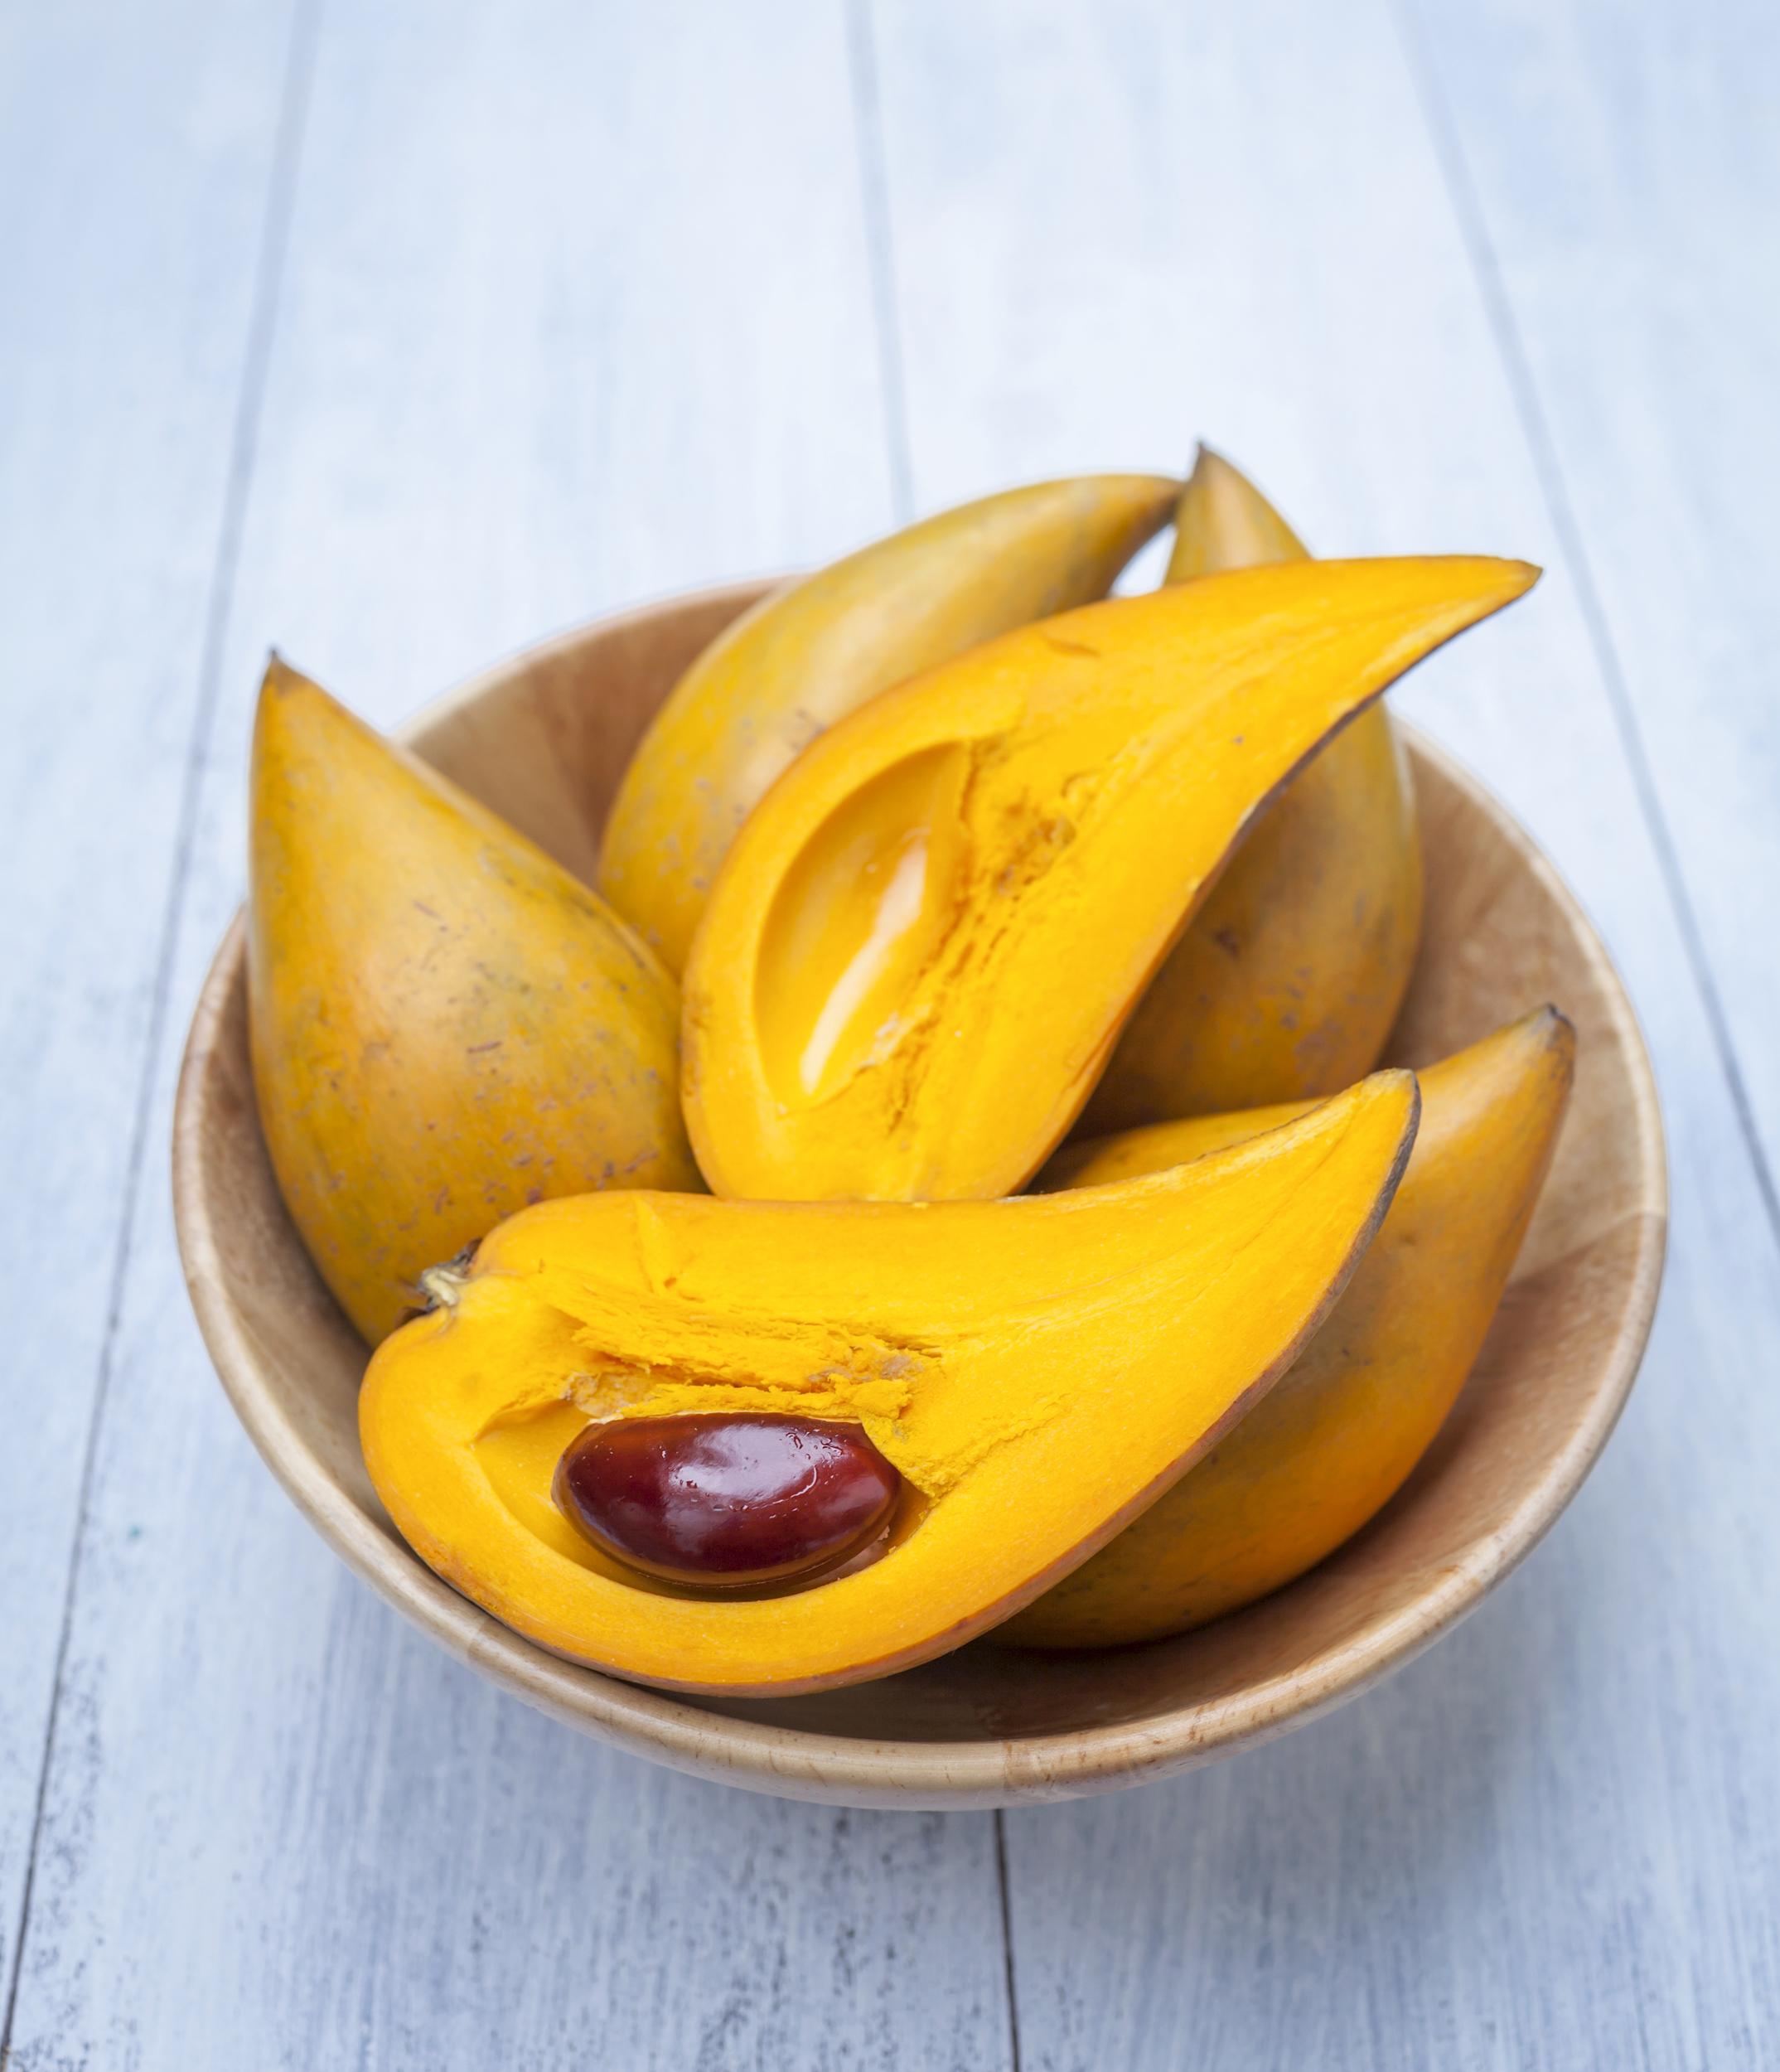 Image: Lucuma fruit